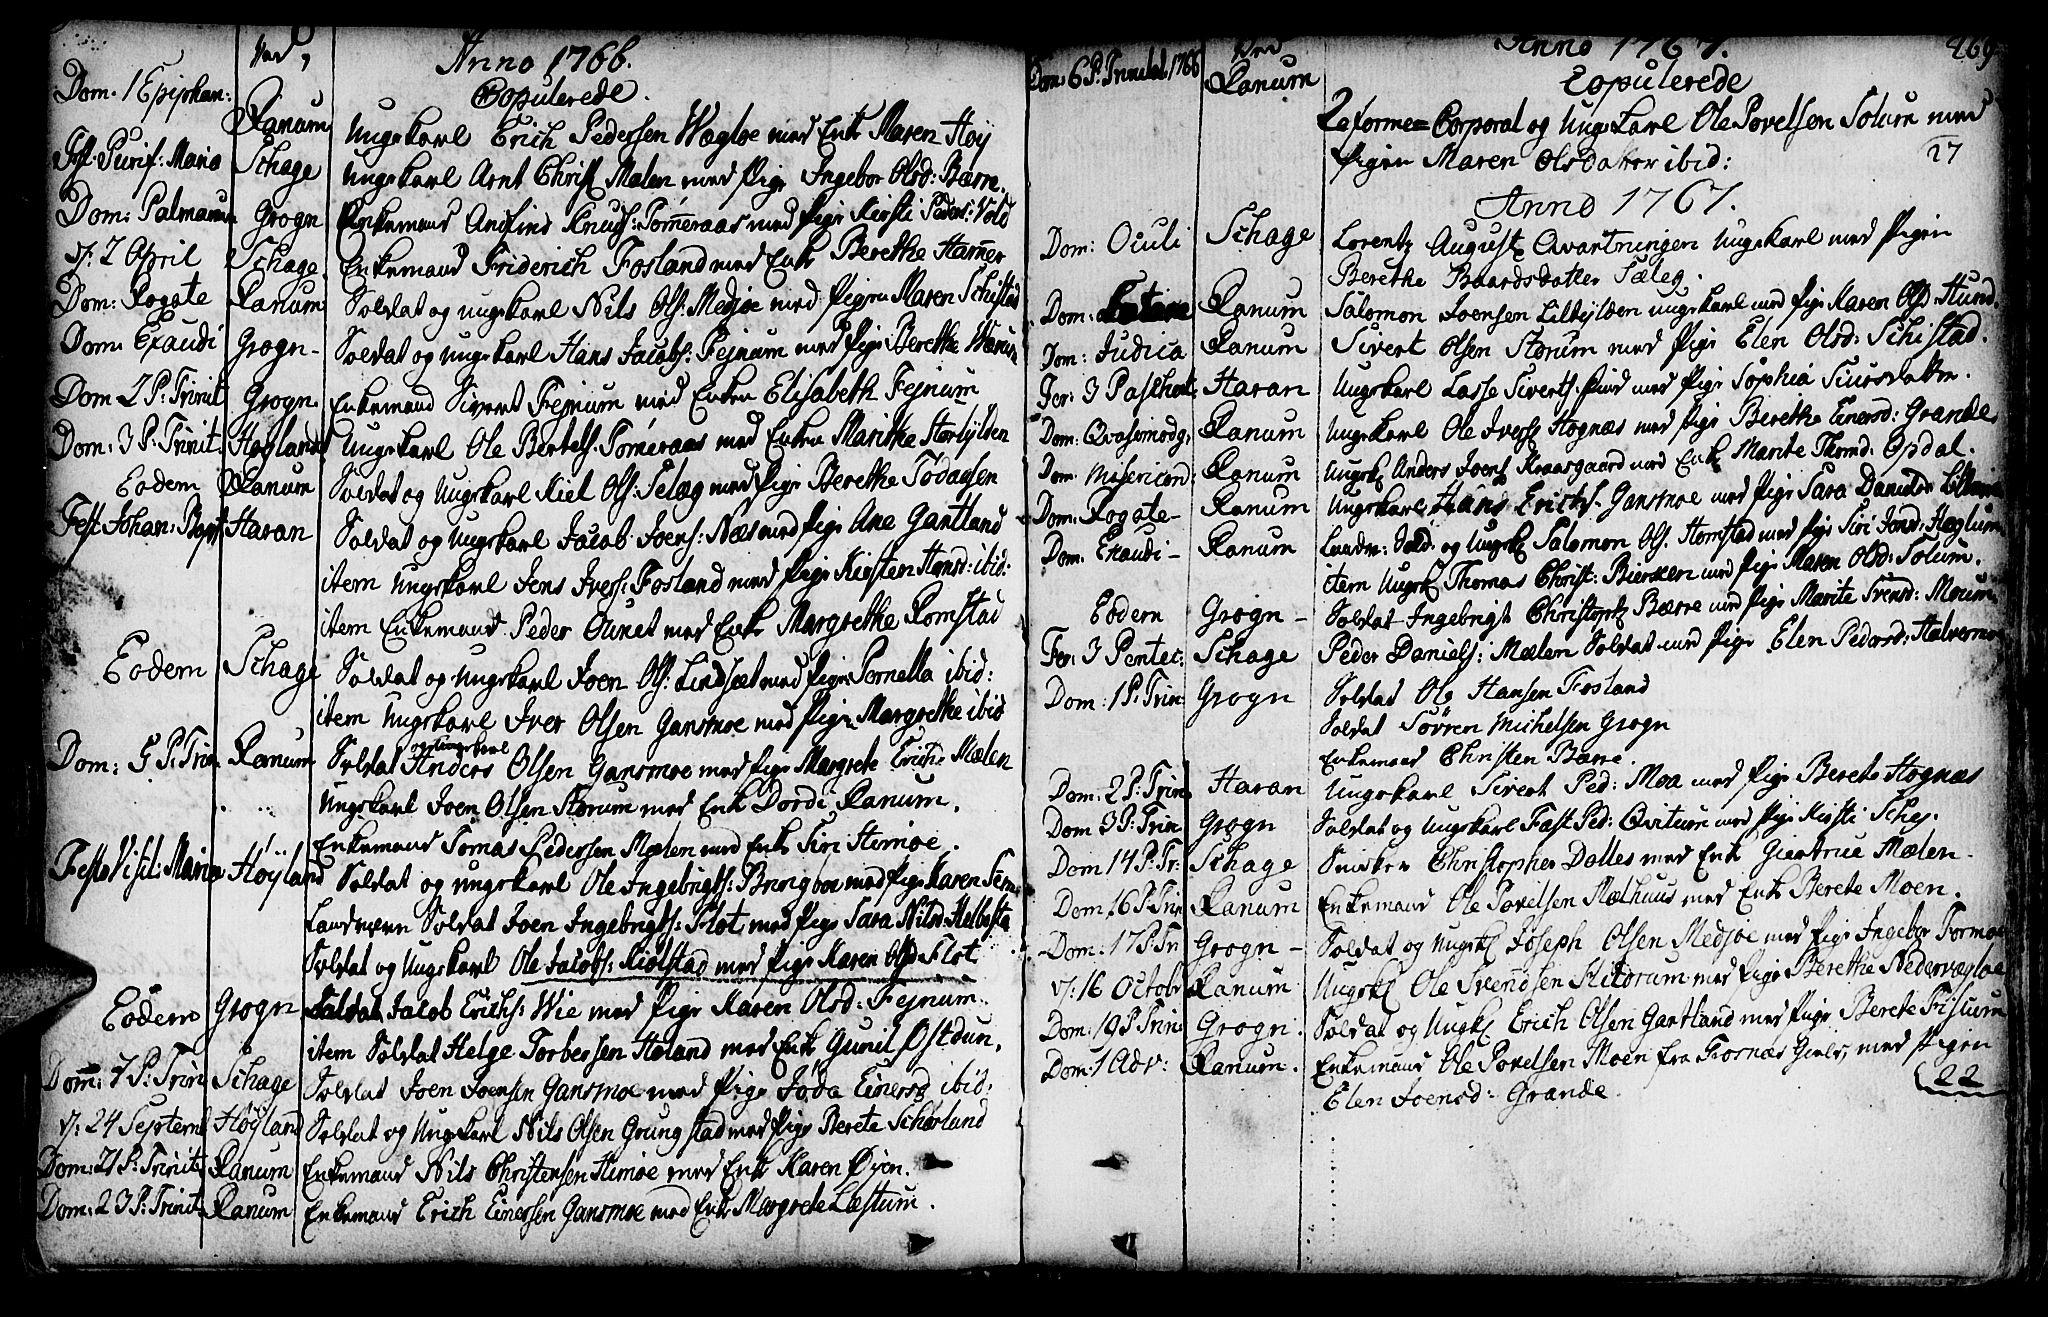 SAT, Ministerialprotokoller, klokkerbøker og fødselsregistre - Nord-Trøndelag, 764/L0542: Ministerialbok nr. 764A02, 1748-1779, s. 269